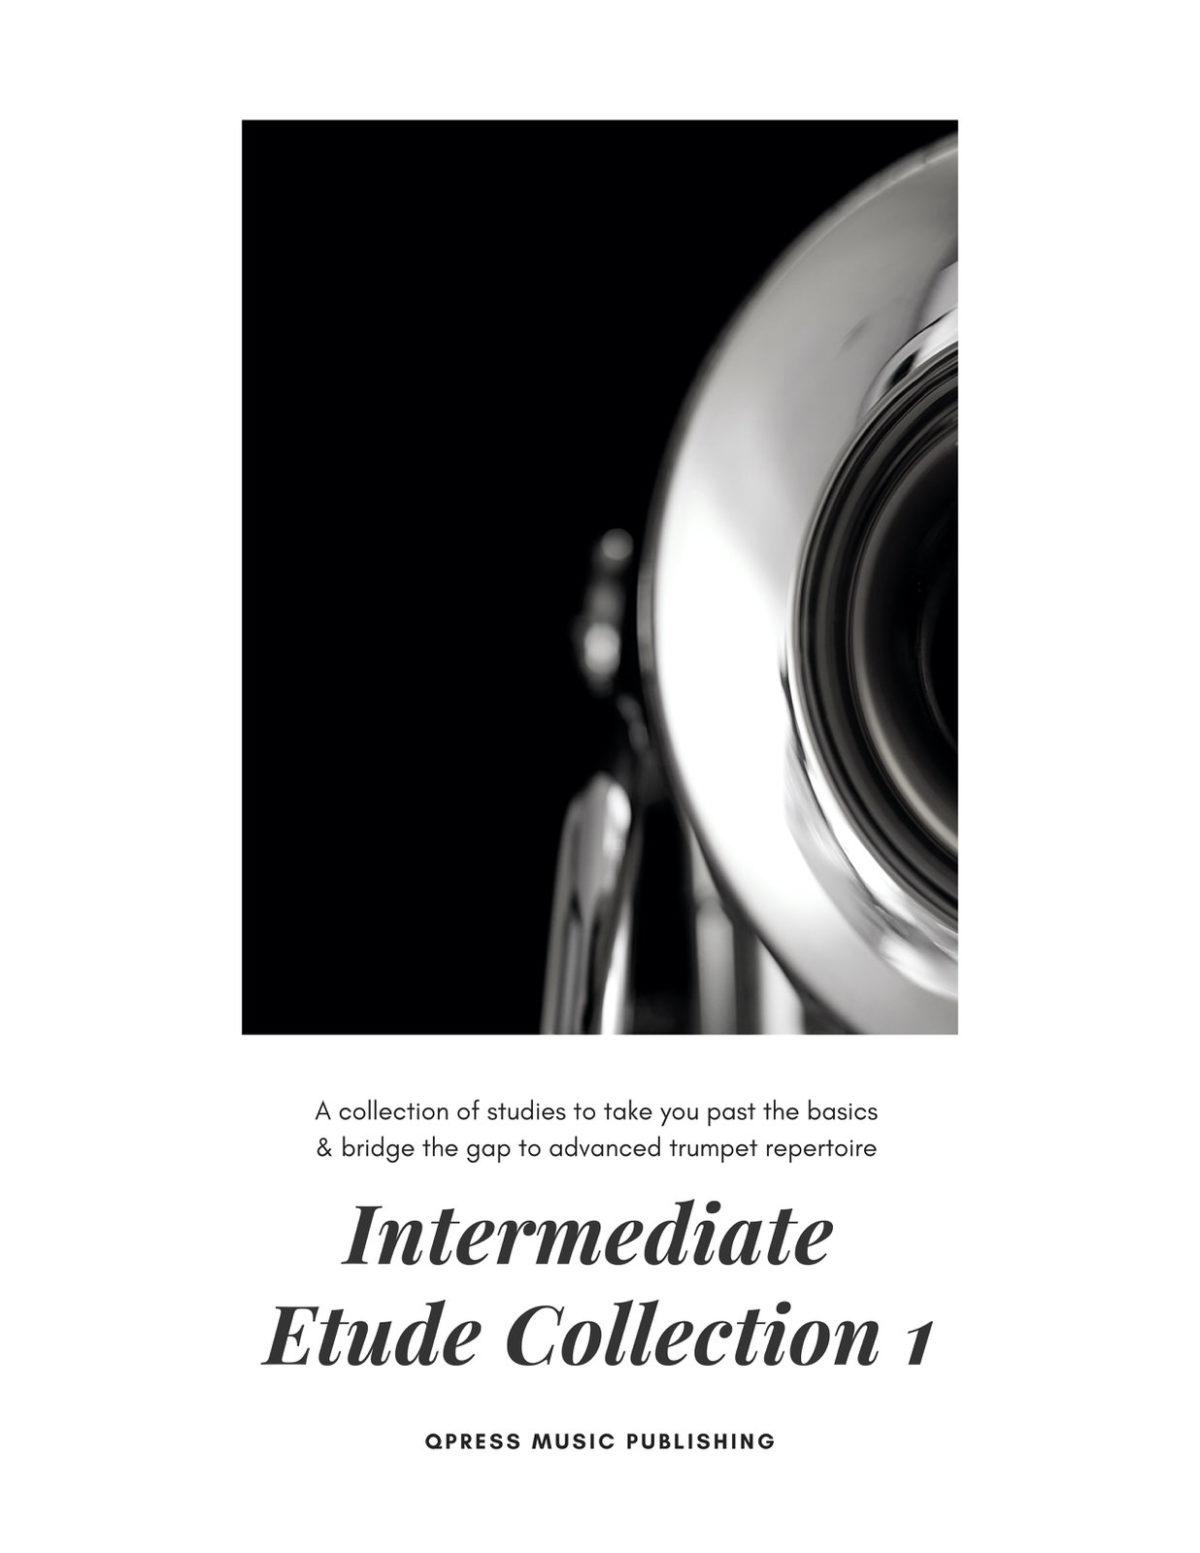 Intermediate Etude Collection 1